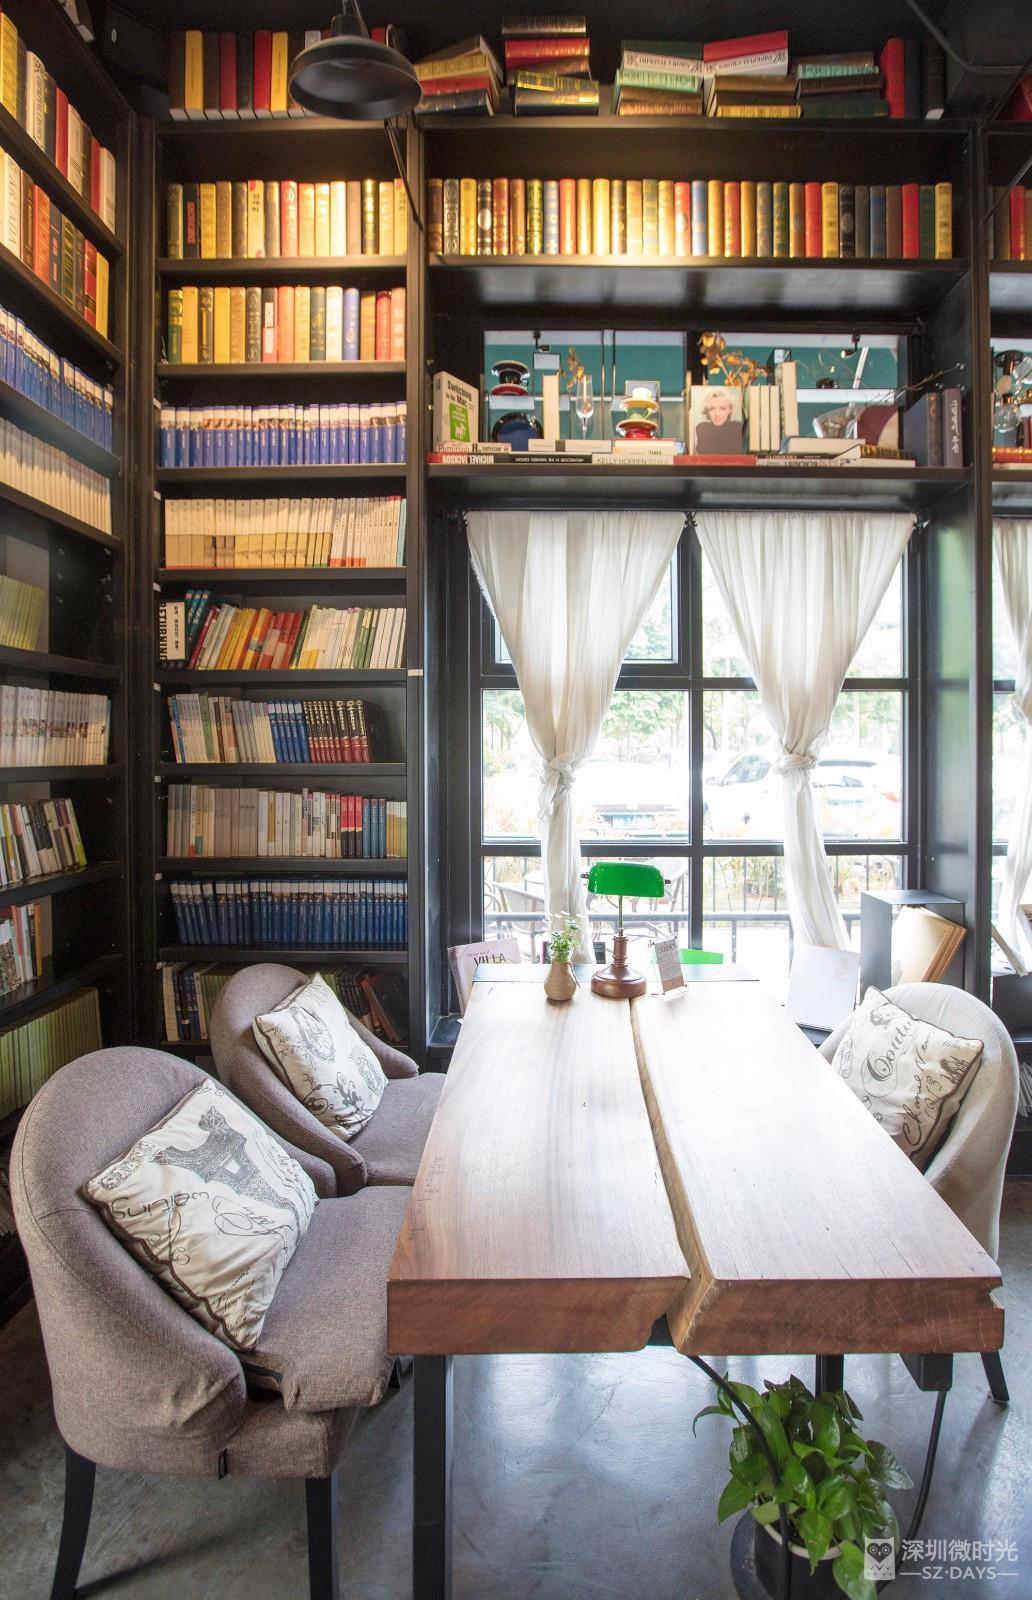 独栋别墅、书籍阶梯…深圳最美图书馆原来藏在这里!